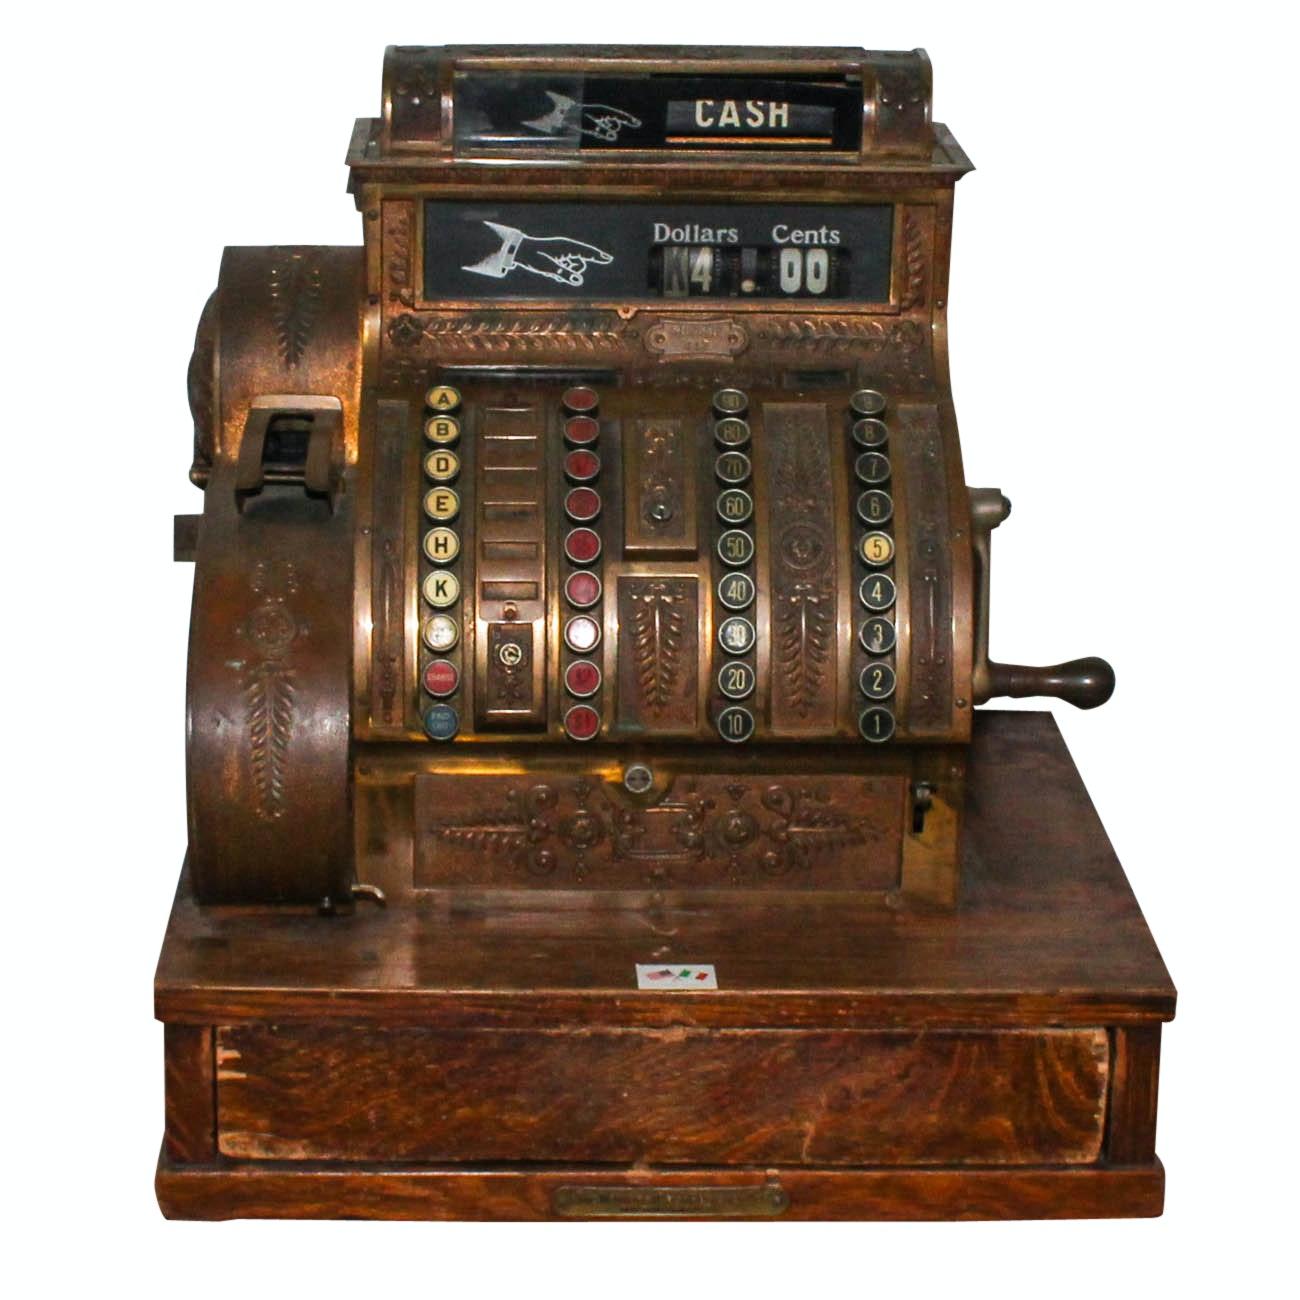 Vintage National Cash Register Model 442